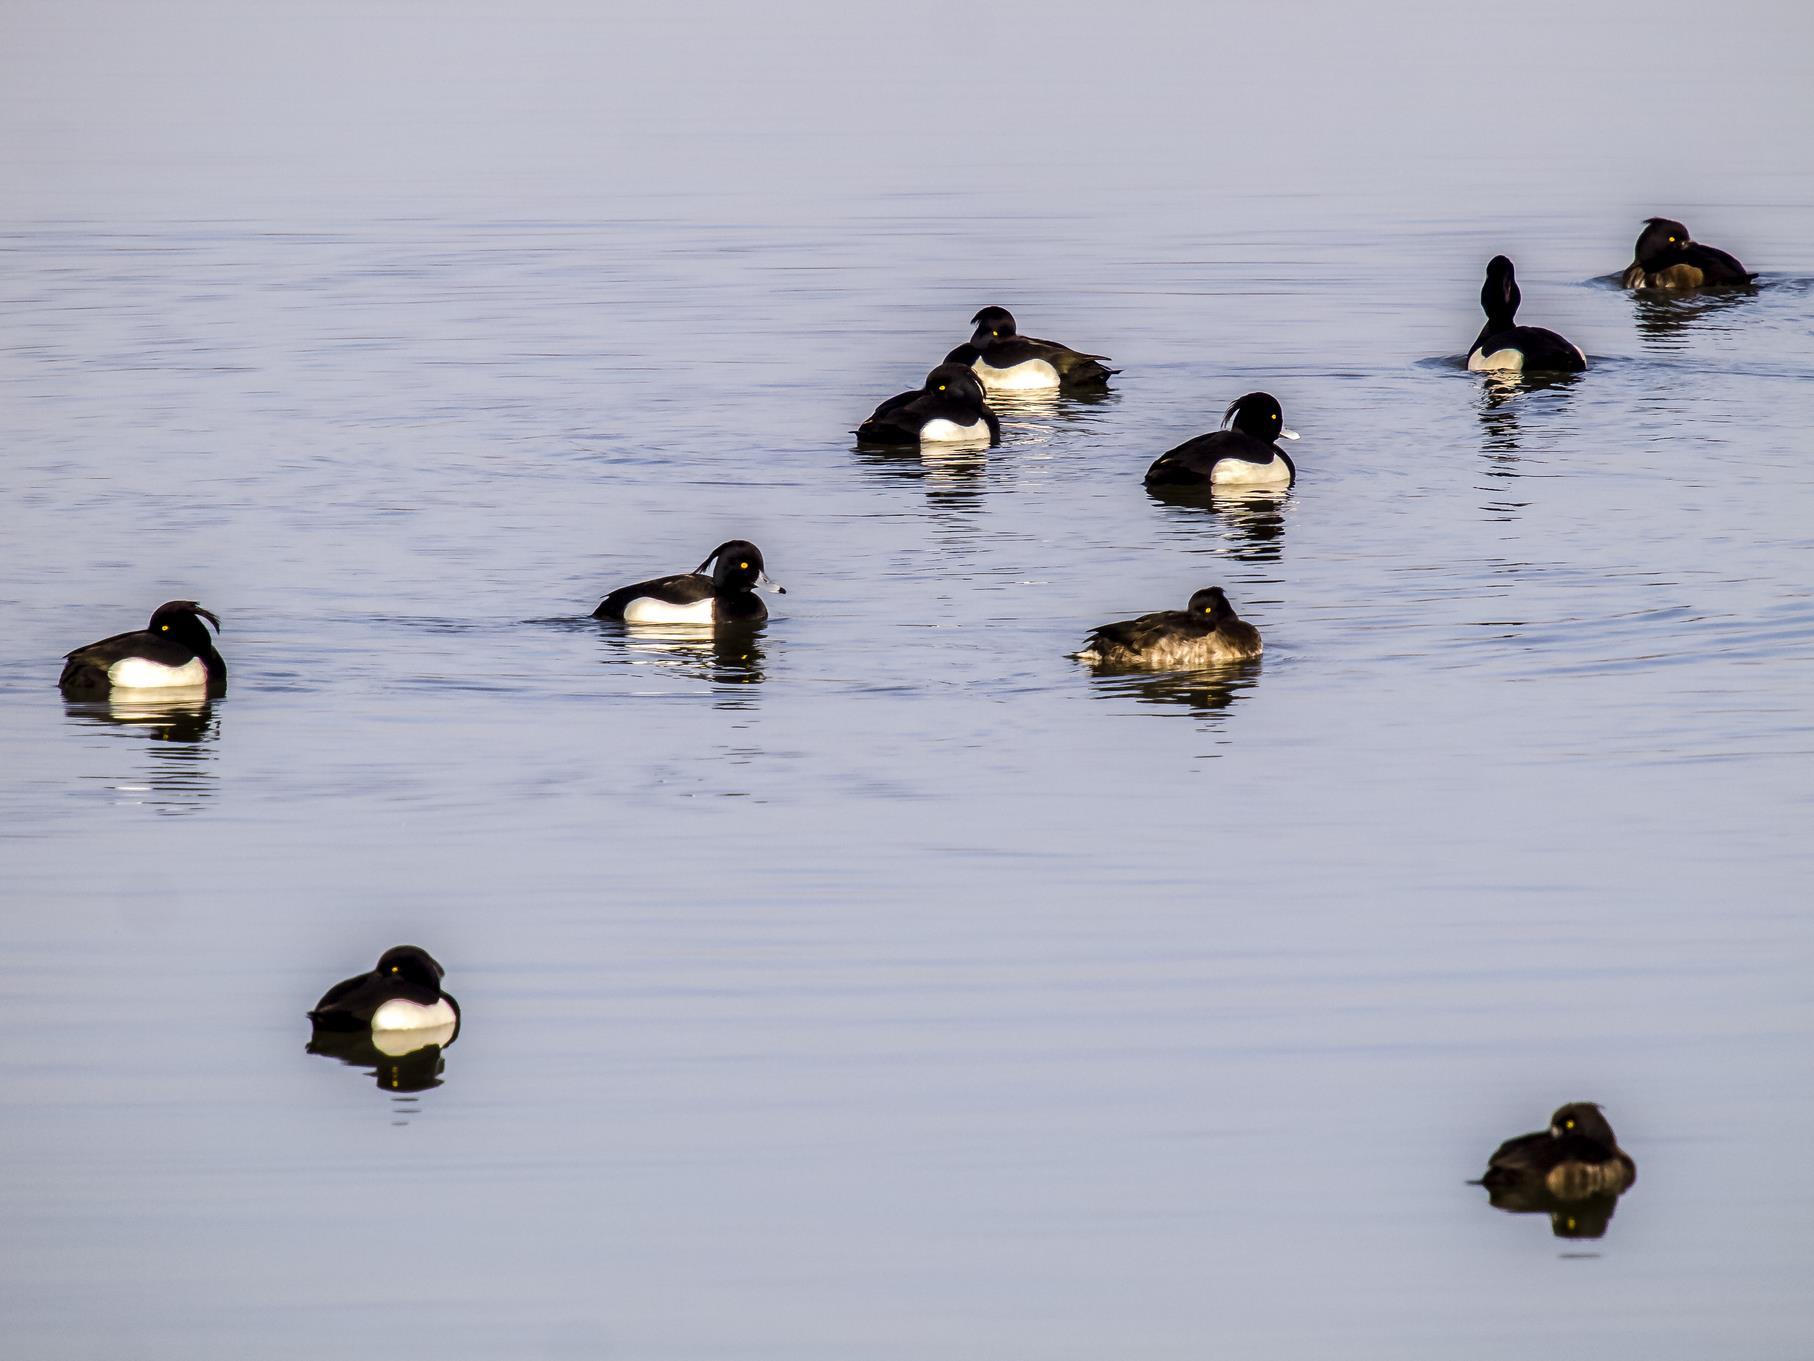 Eine Gruppe Reiherenten auf dem Wasser.